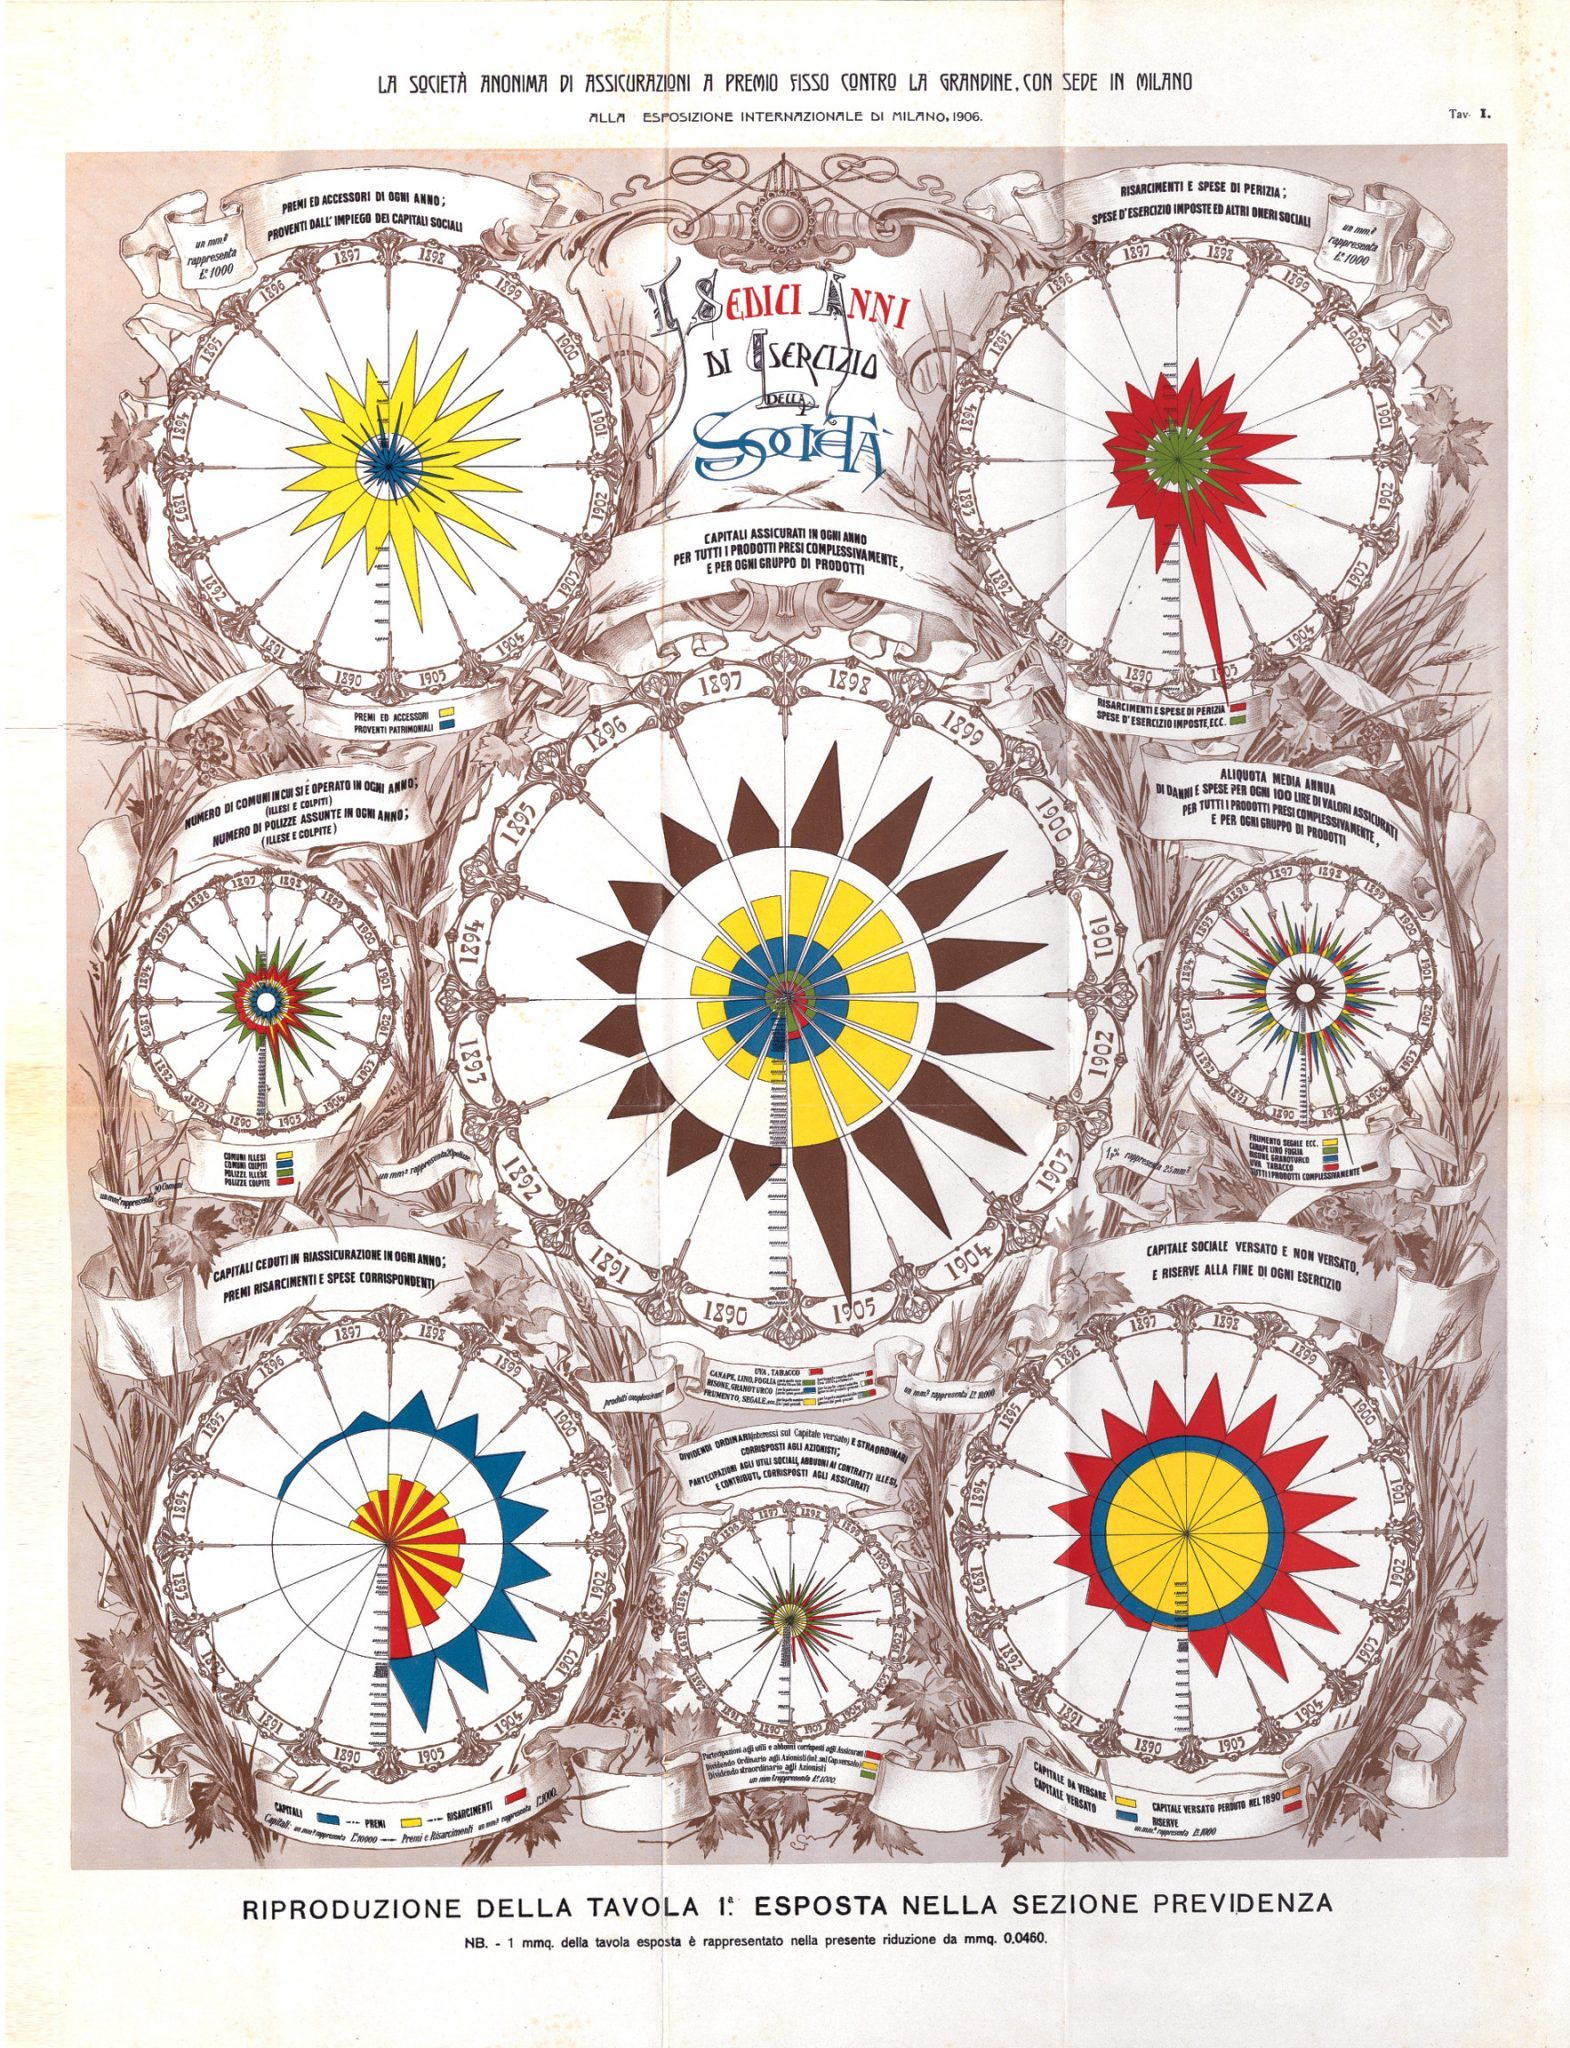 Grafico capitali assicurati 1890-1905 (Milano, 1906)